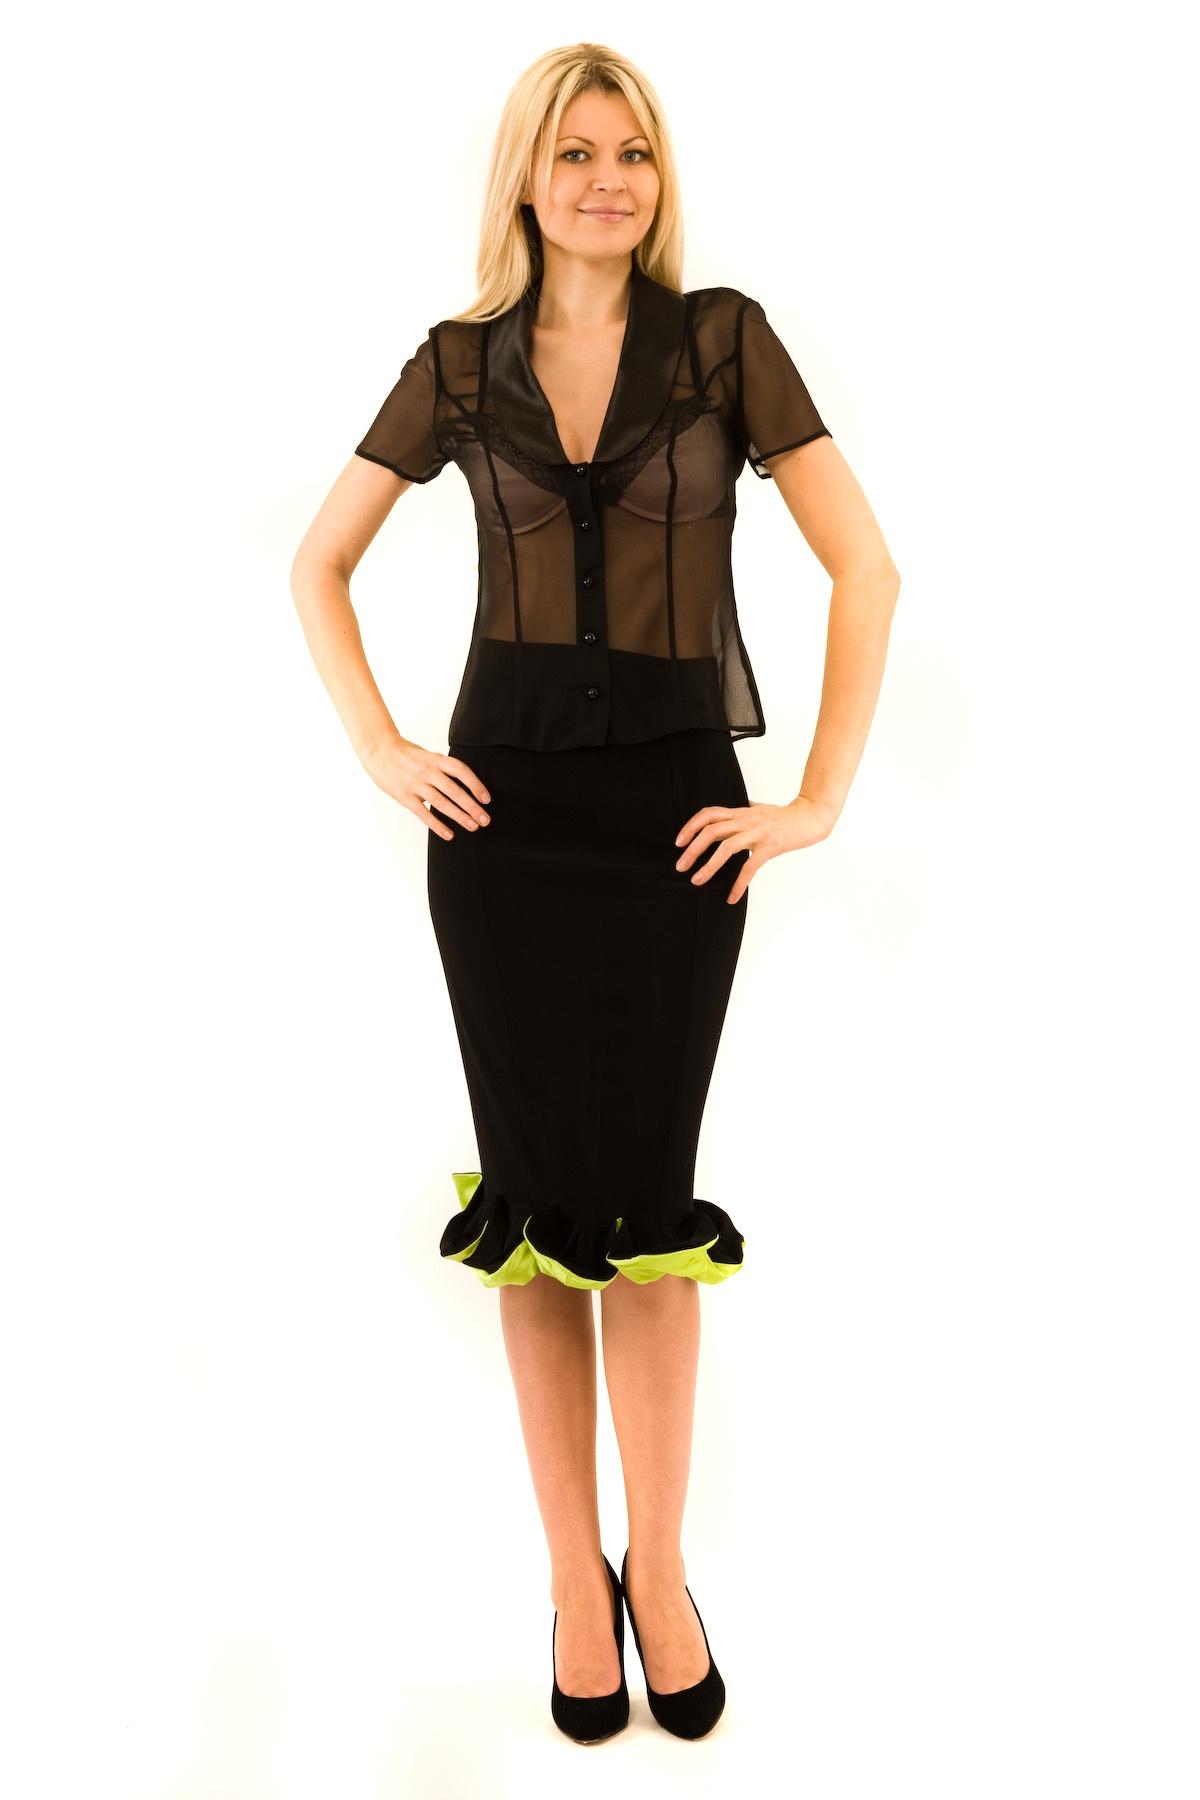 БлузаЖенские блузки<br>Эффектная блузка Doctor E элегантного лаконичного дизайна. Модель выполнена из легкого полупрозрачного материала. Восхитительное дополнение к Вашему повседневному гардеробу.<br><br>Цвет: черный<br>Состав: 100% полиэстер<br>Размер: 40,42,44,46,48,50,52,54<br>Страна дизайна: Россия<br>Страна производства: Россия